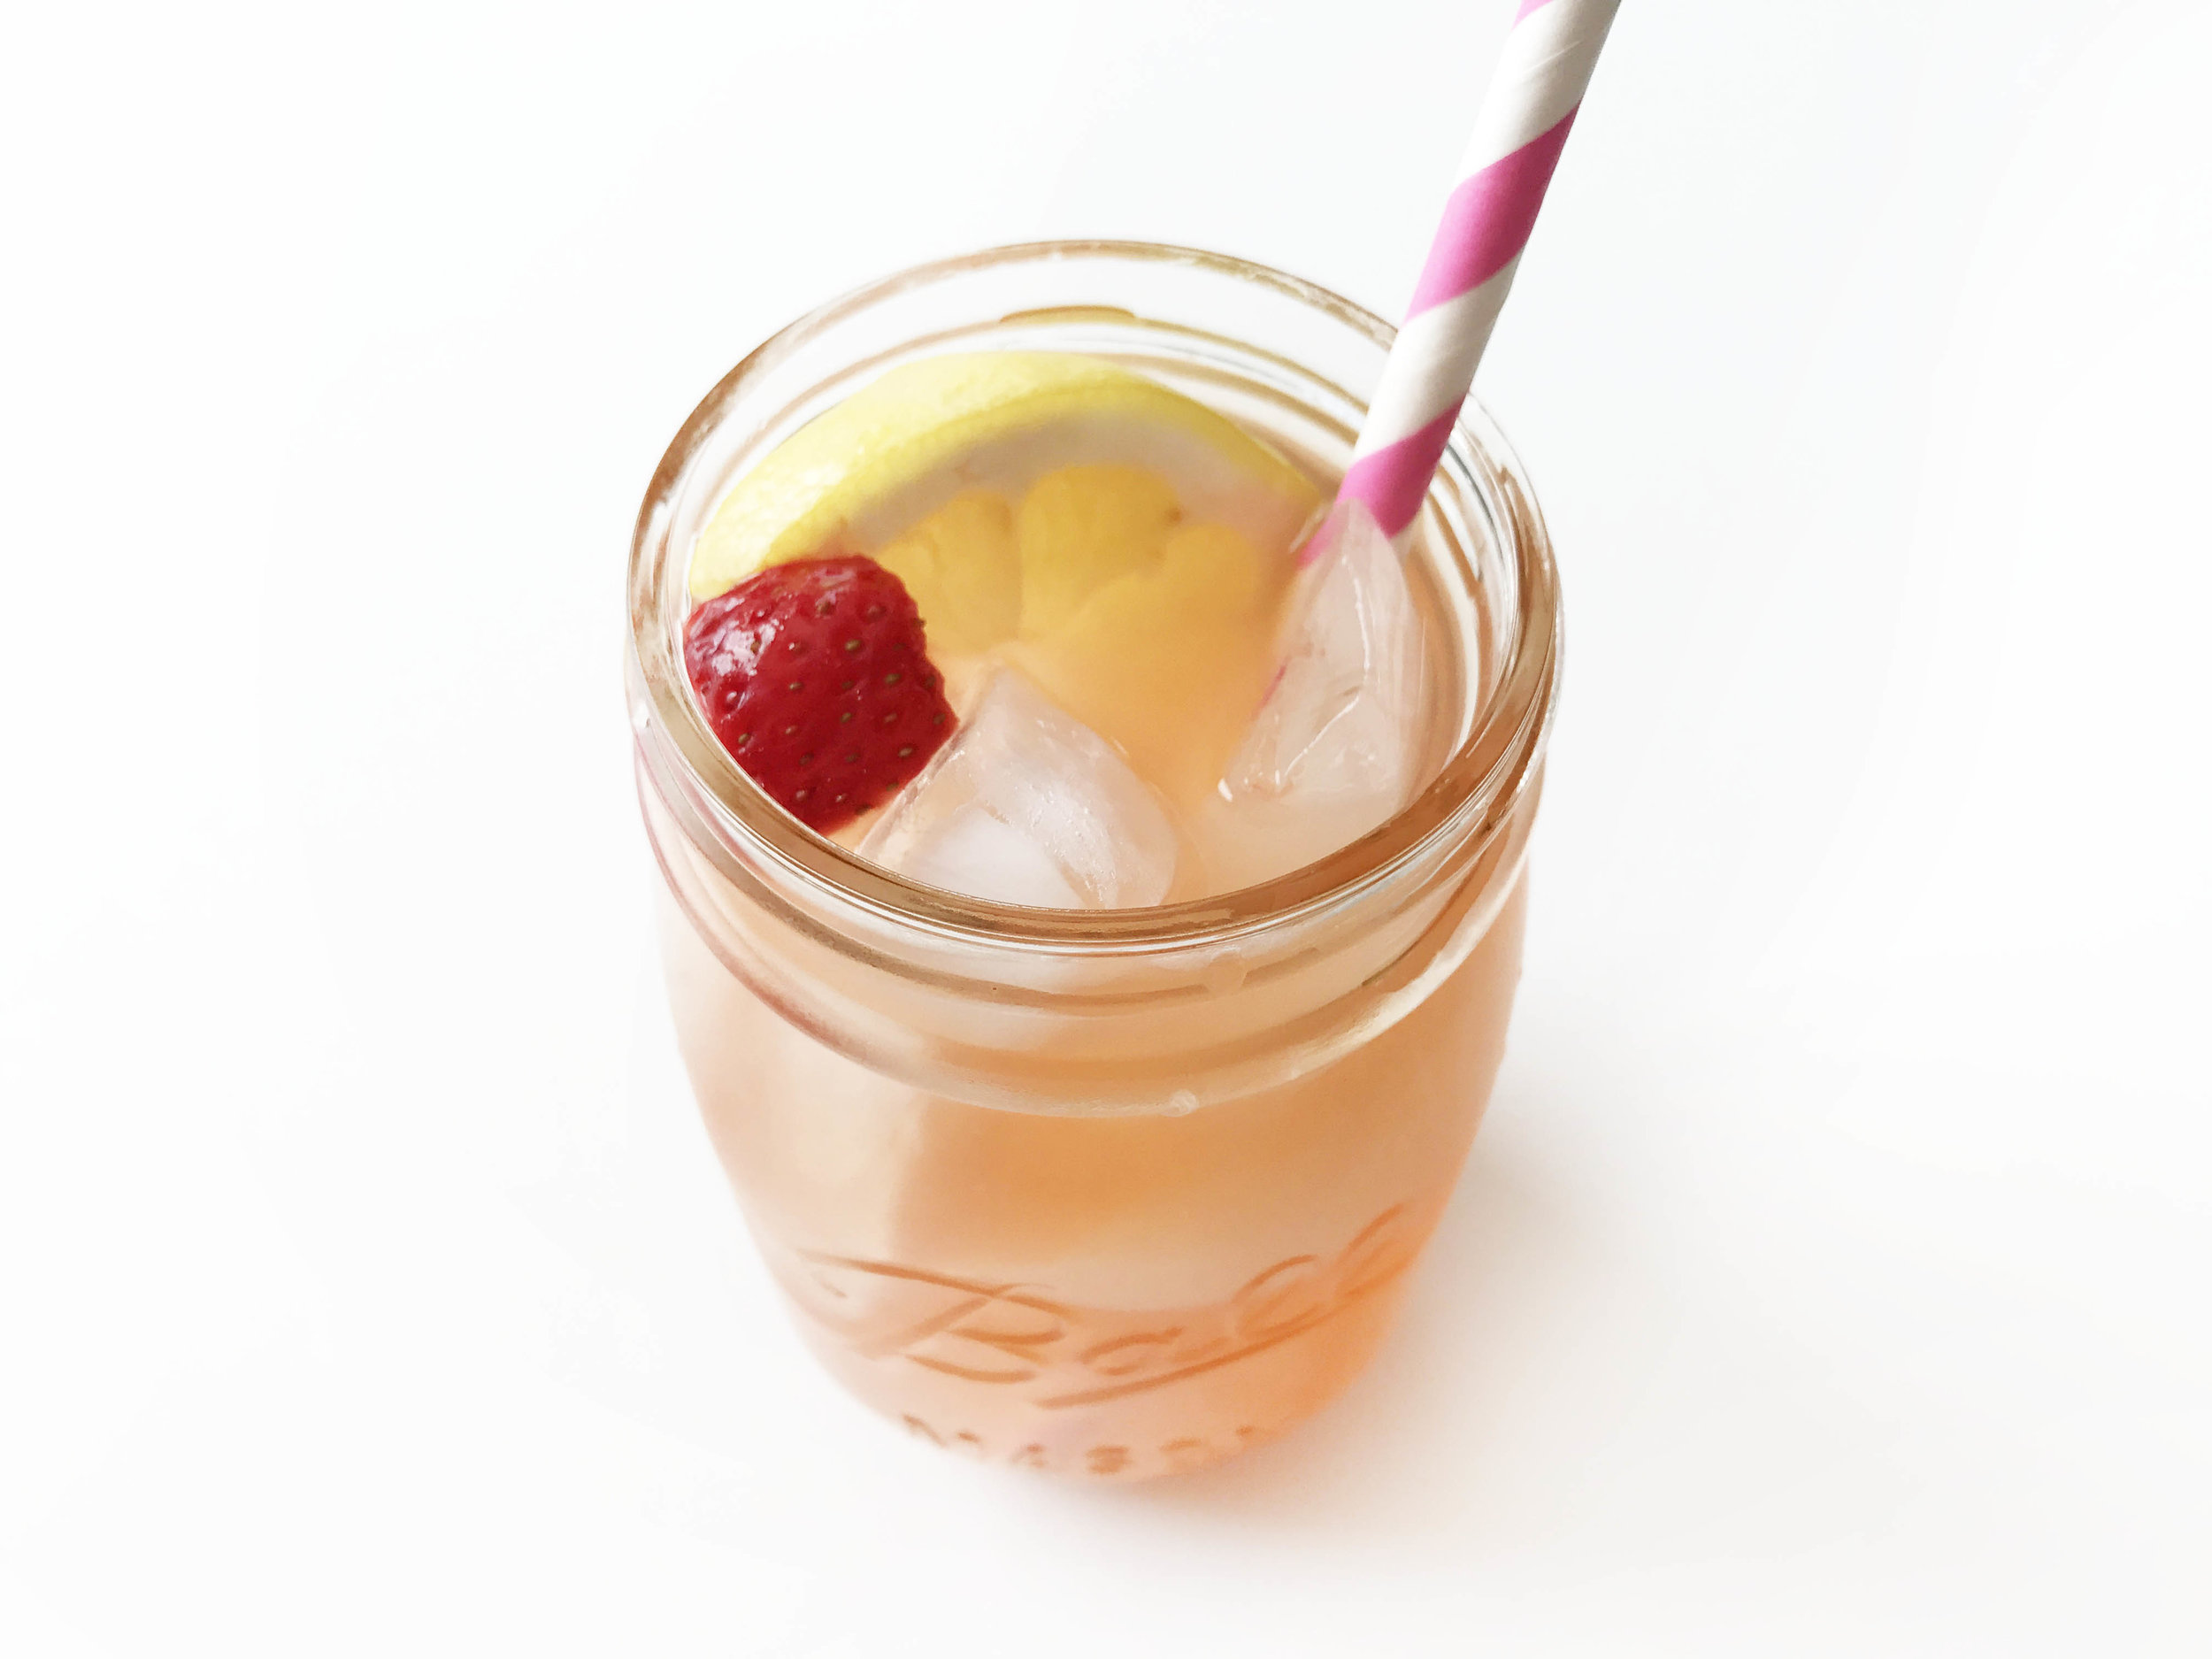 strawberry-lemonade7.jpg